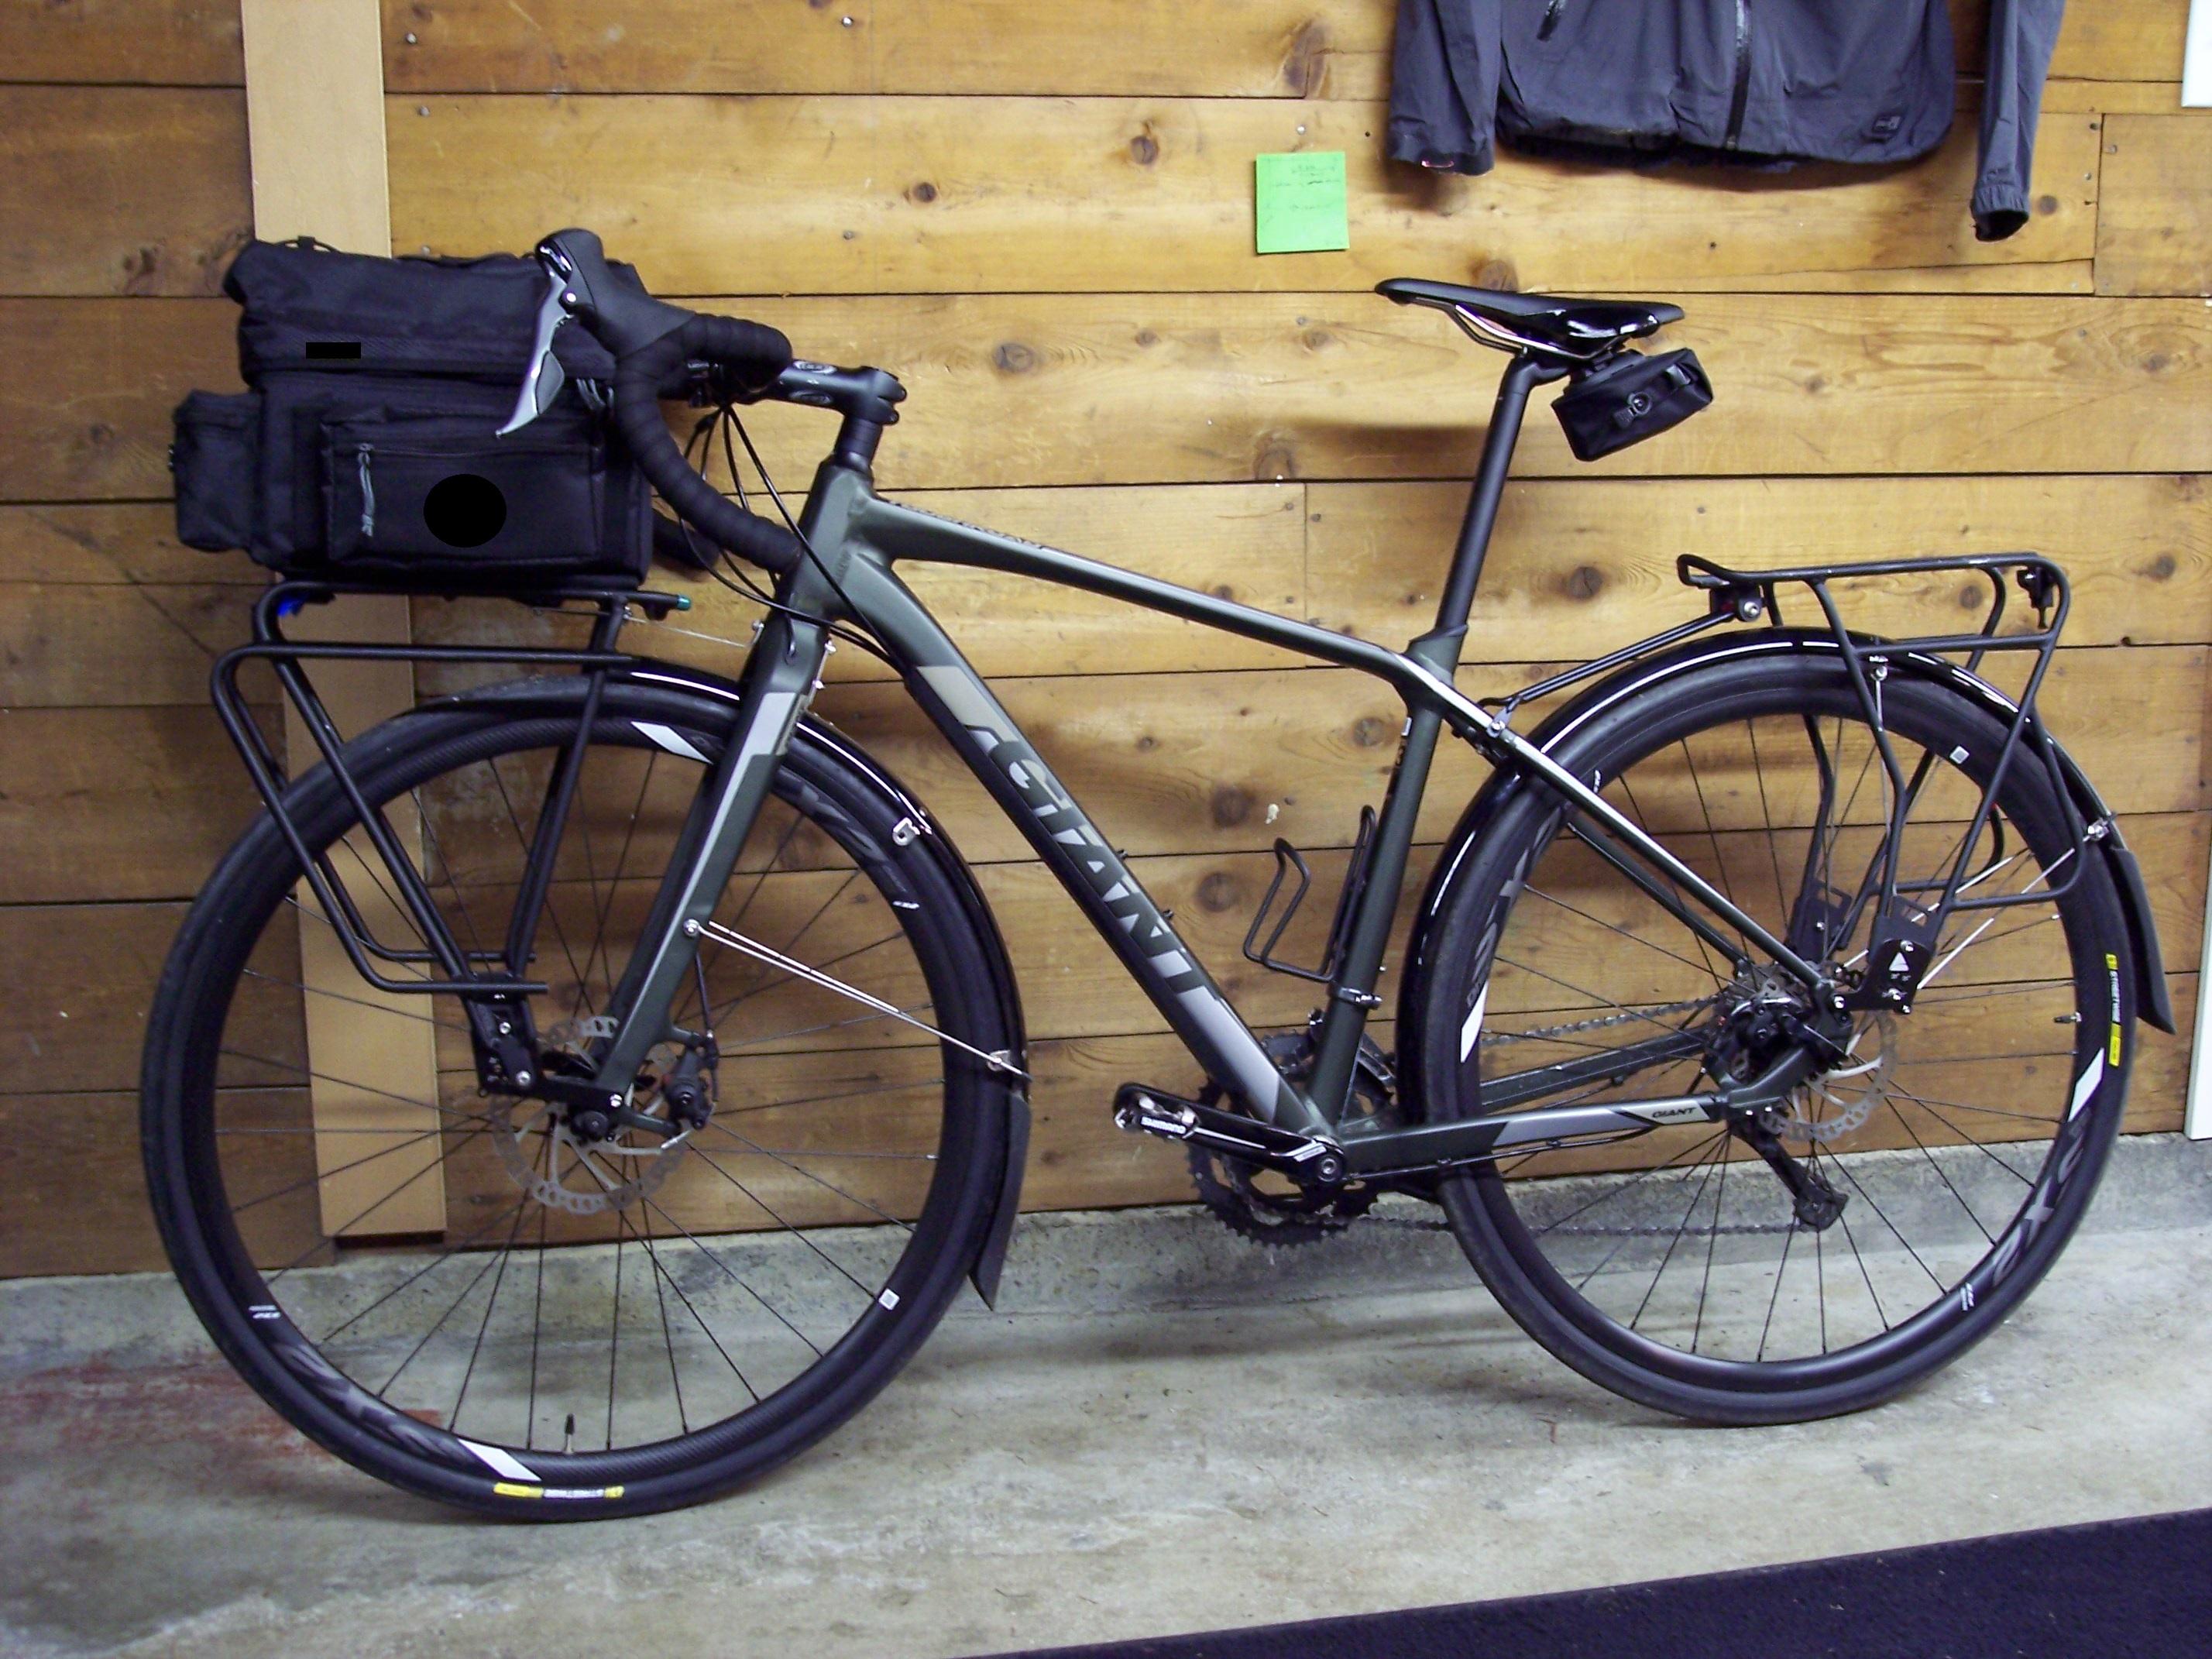 Two Wheel Gear - DIY Front Trunk Bag - Commuter Bike